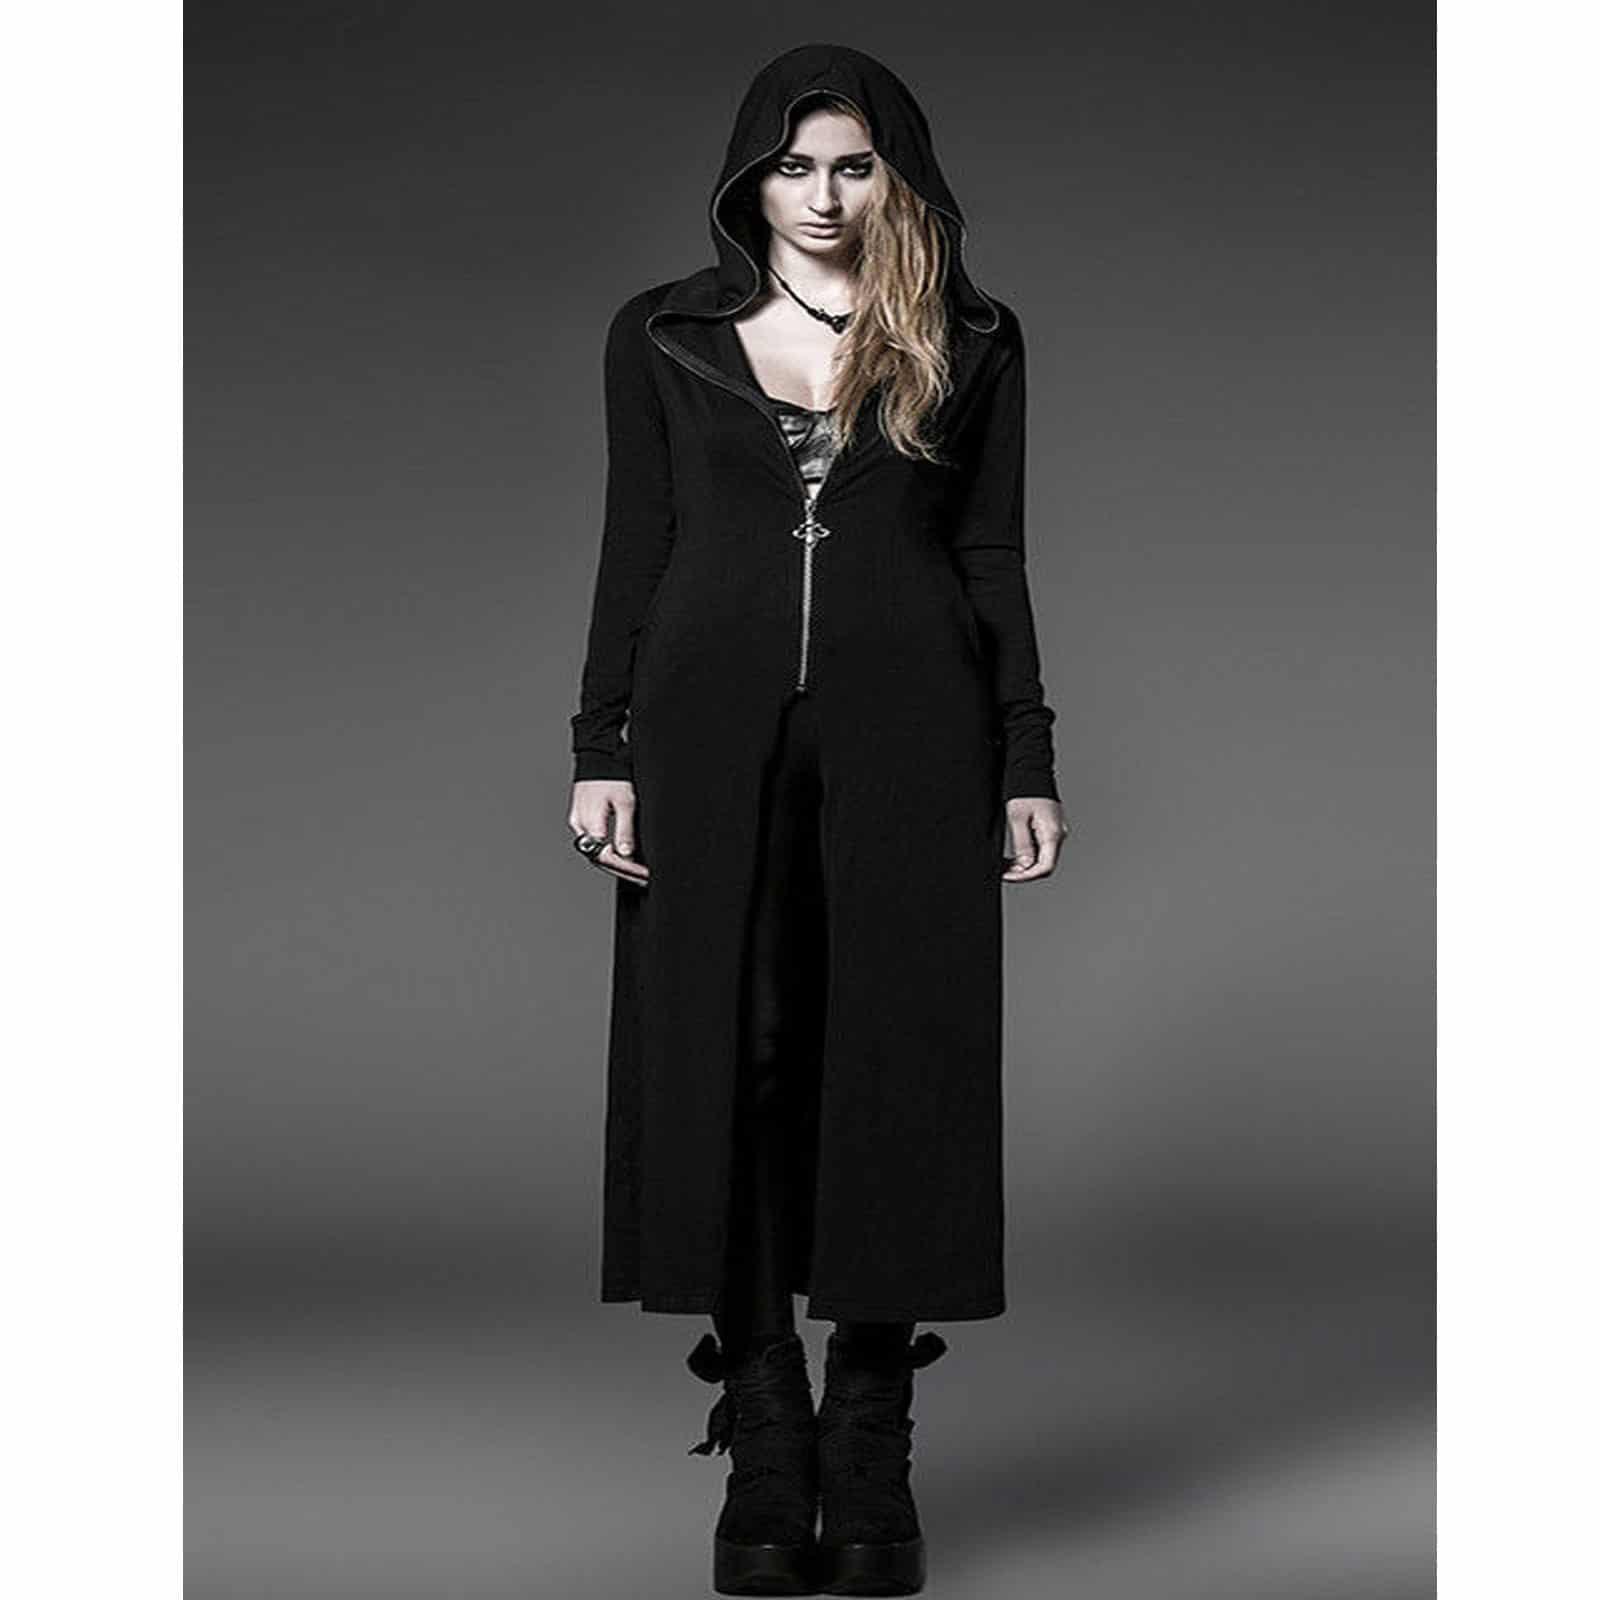 Stylish Steam Long Cardigan Shirt Jacket Black Witches Gothic ...